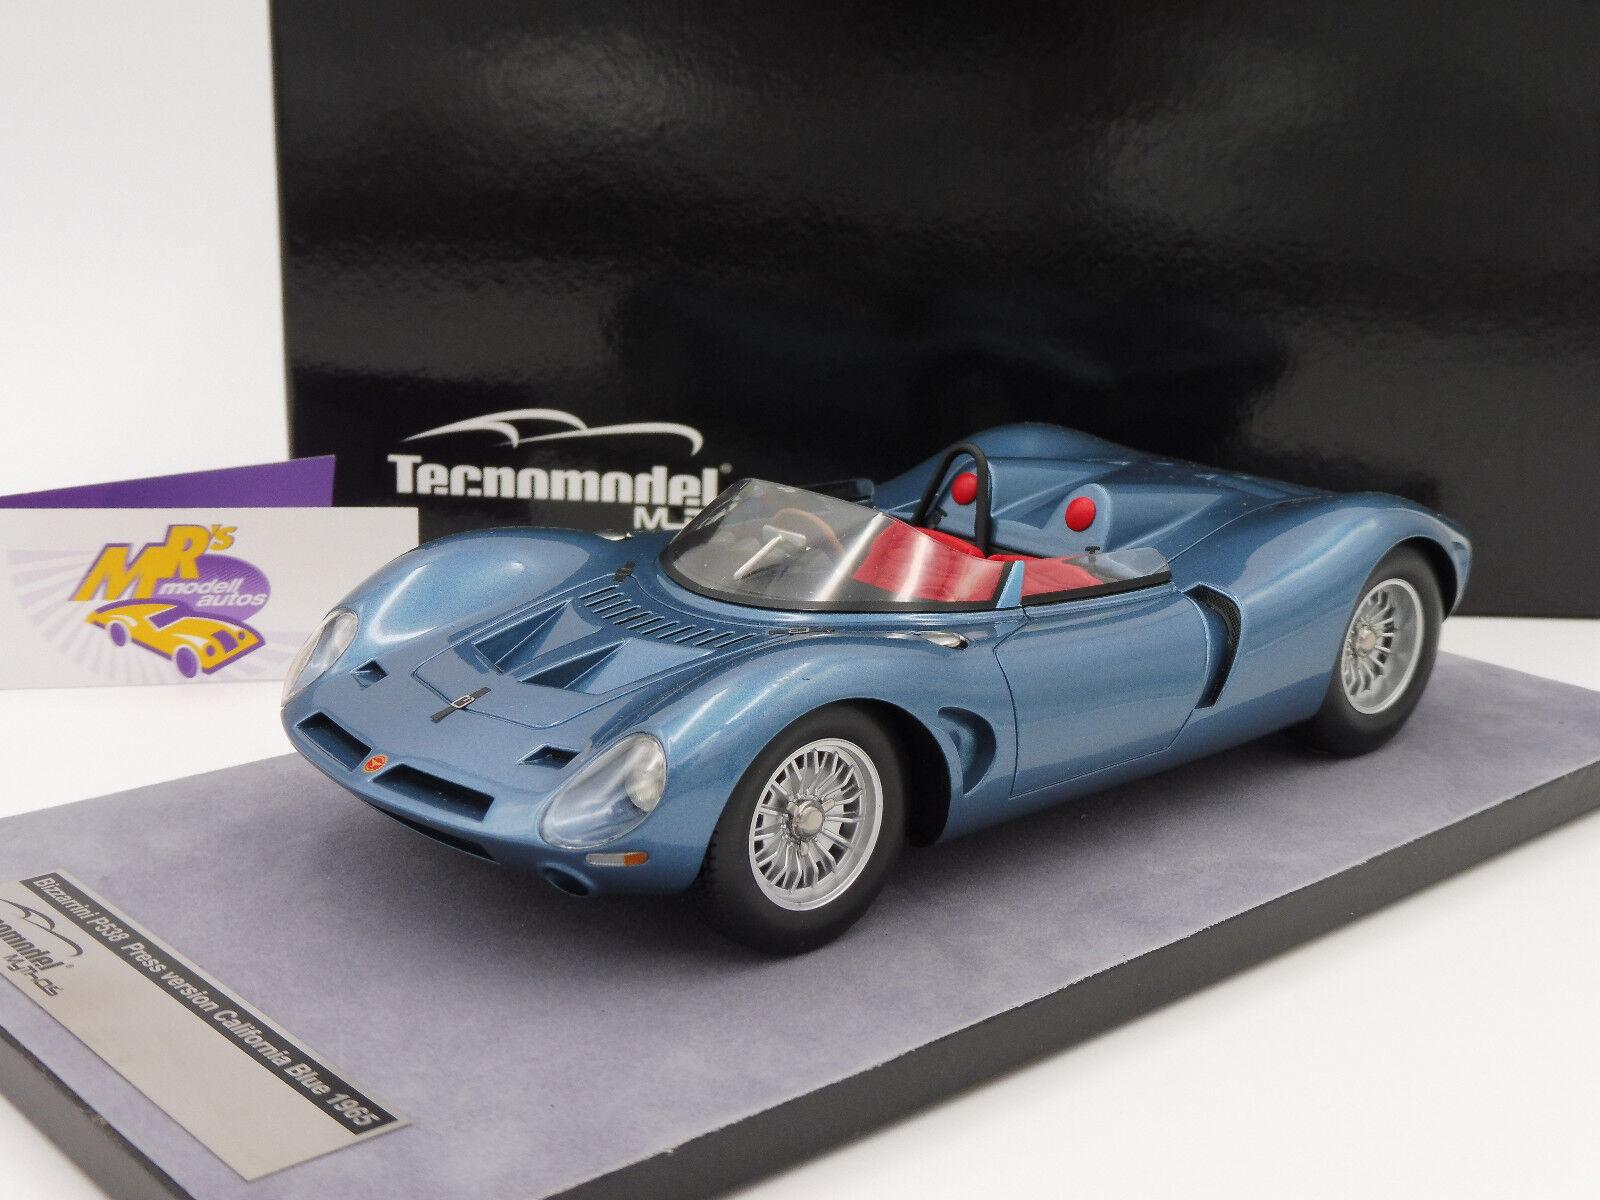 TECNOMODEL tm18-97d # BIZZARRINI p538 spyder Press Version Bj. 1965 bleu 1:18   Produits De Qualité    Nouveau Produit    Shop